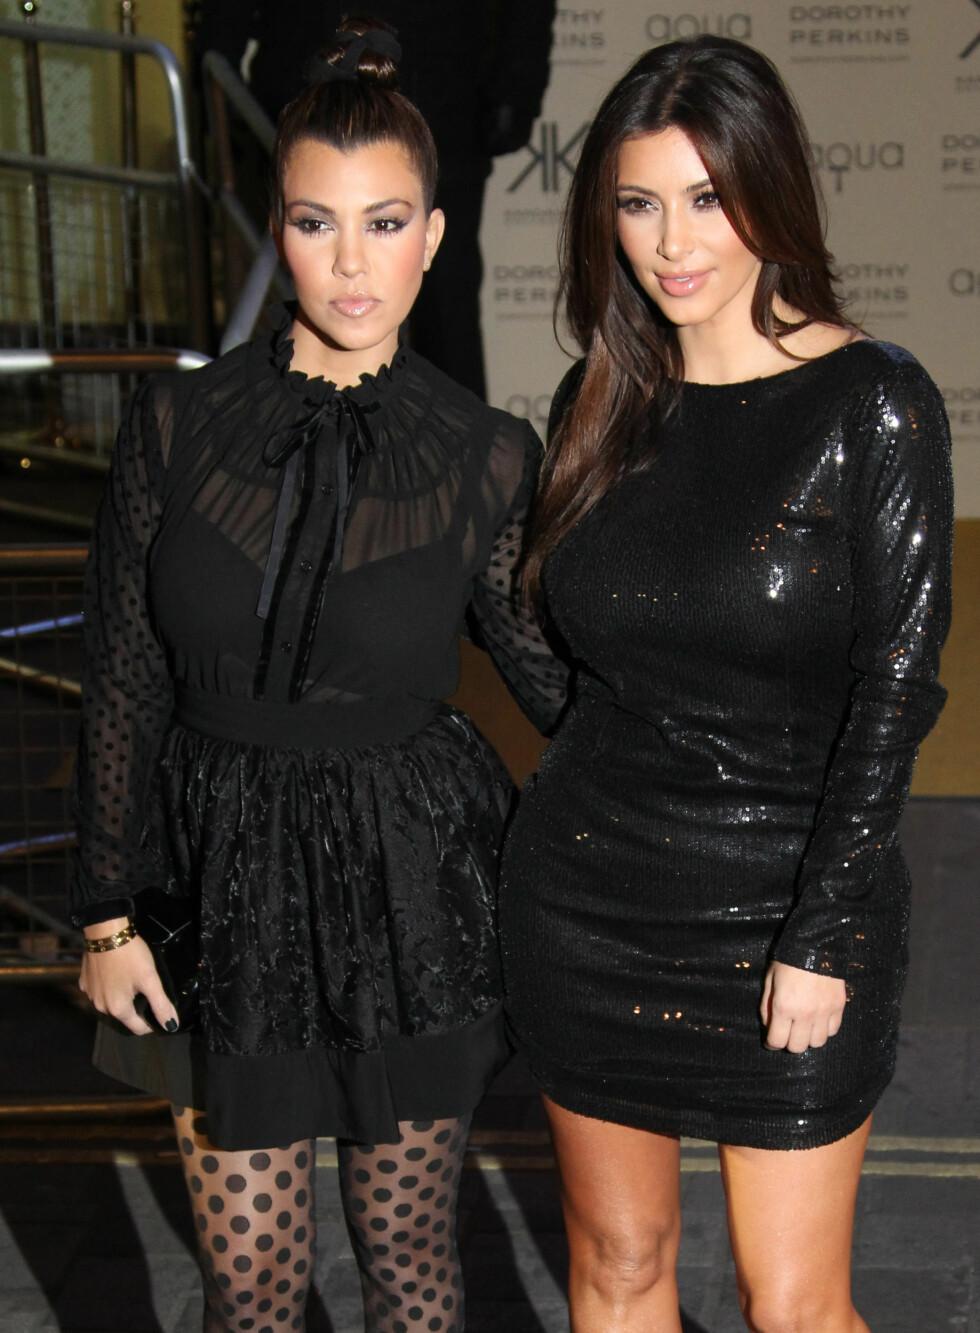 2012: Kourtney Kardashian Foto: Ap